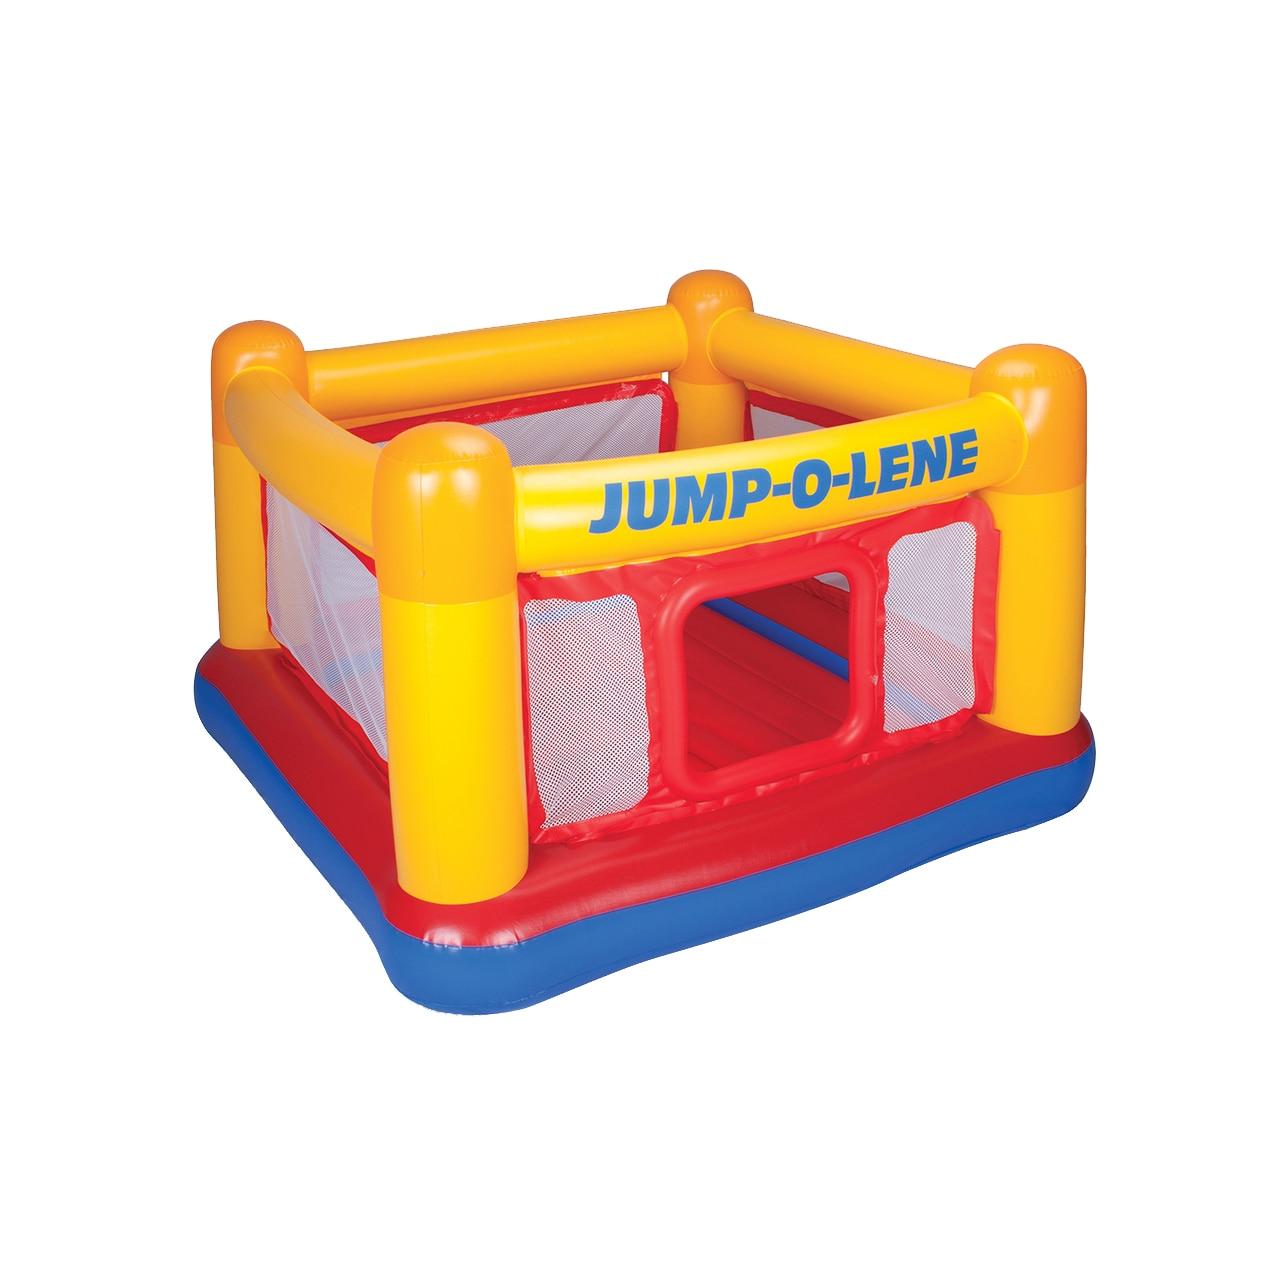 Fotografie Spatiu de joaca gonflabil Intex - Jump-o-Lene™, Playhouse, 174 x 174 x 112 cm